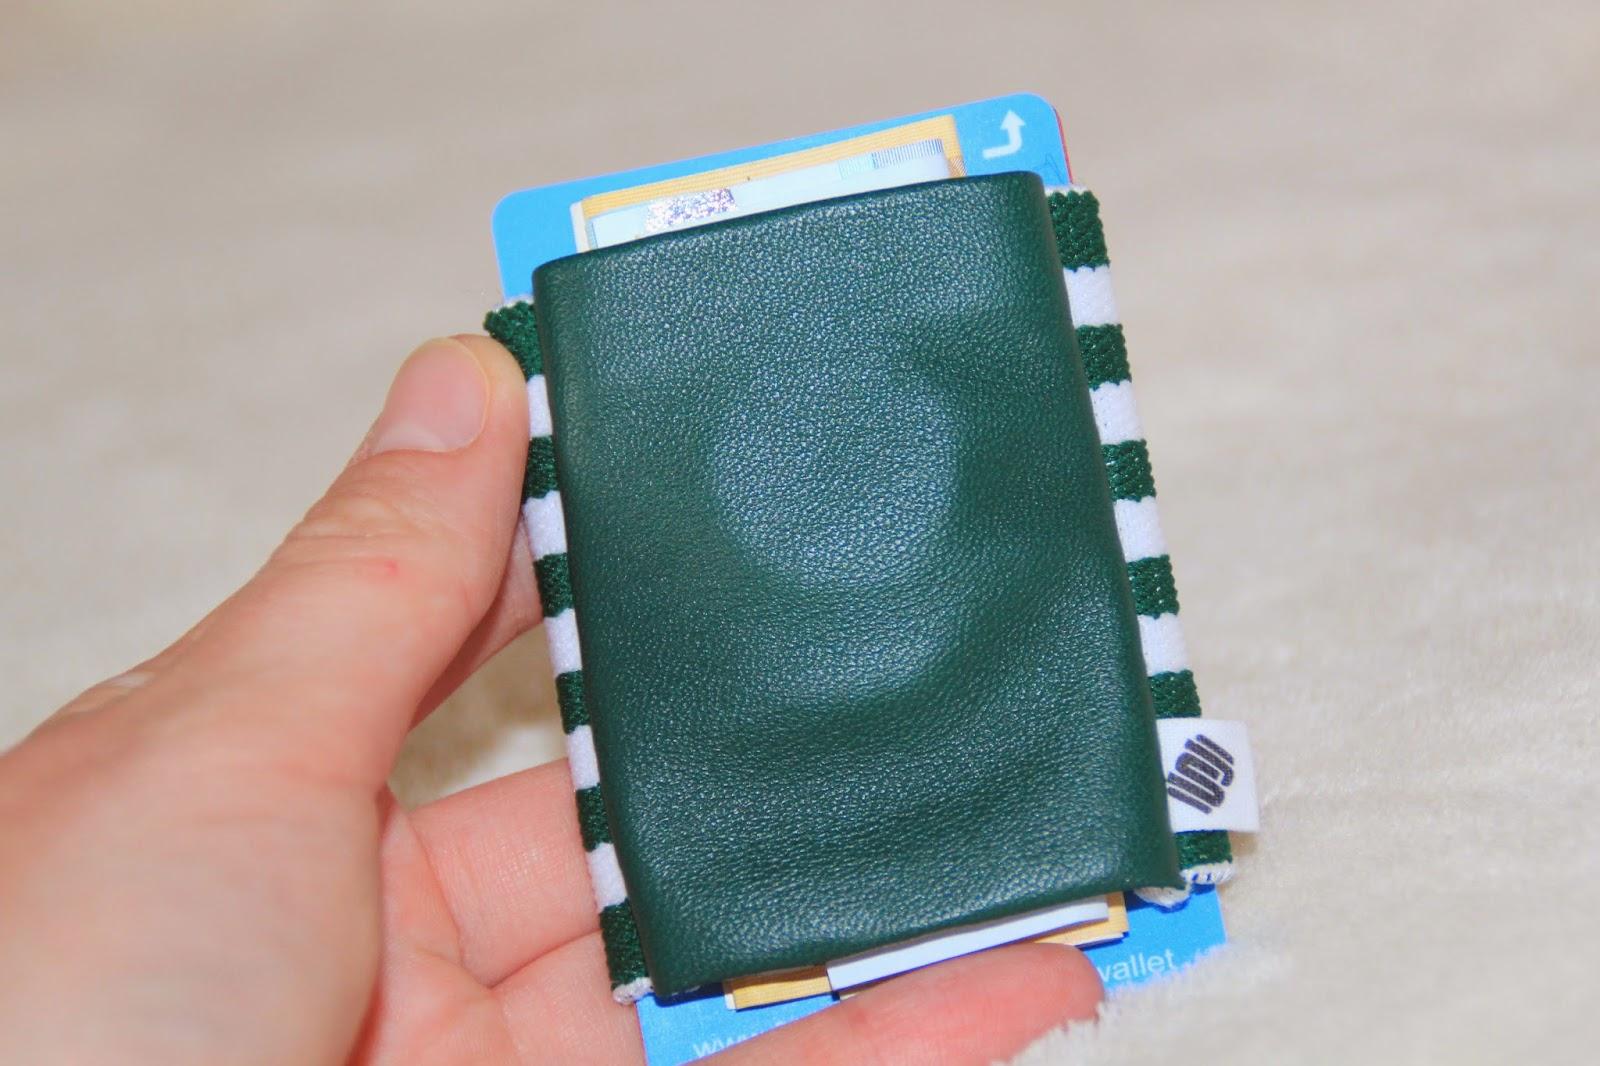 Jucheer testet space wallet geld praktisch verstaut for Minimalistisch reisen